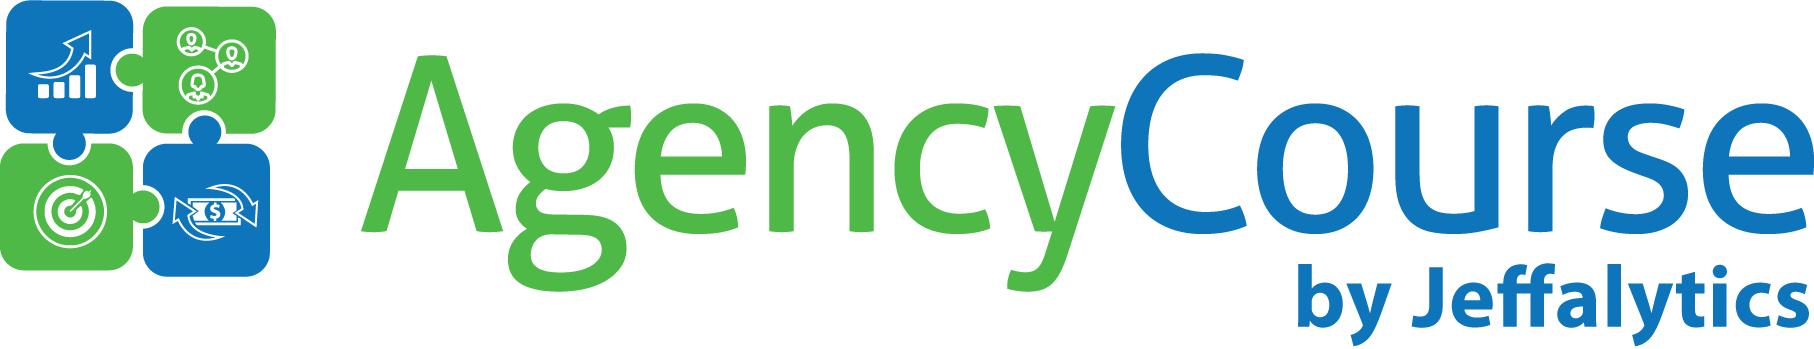 agency course logo